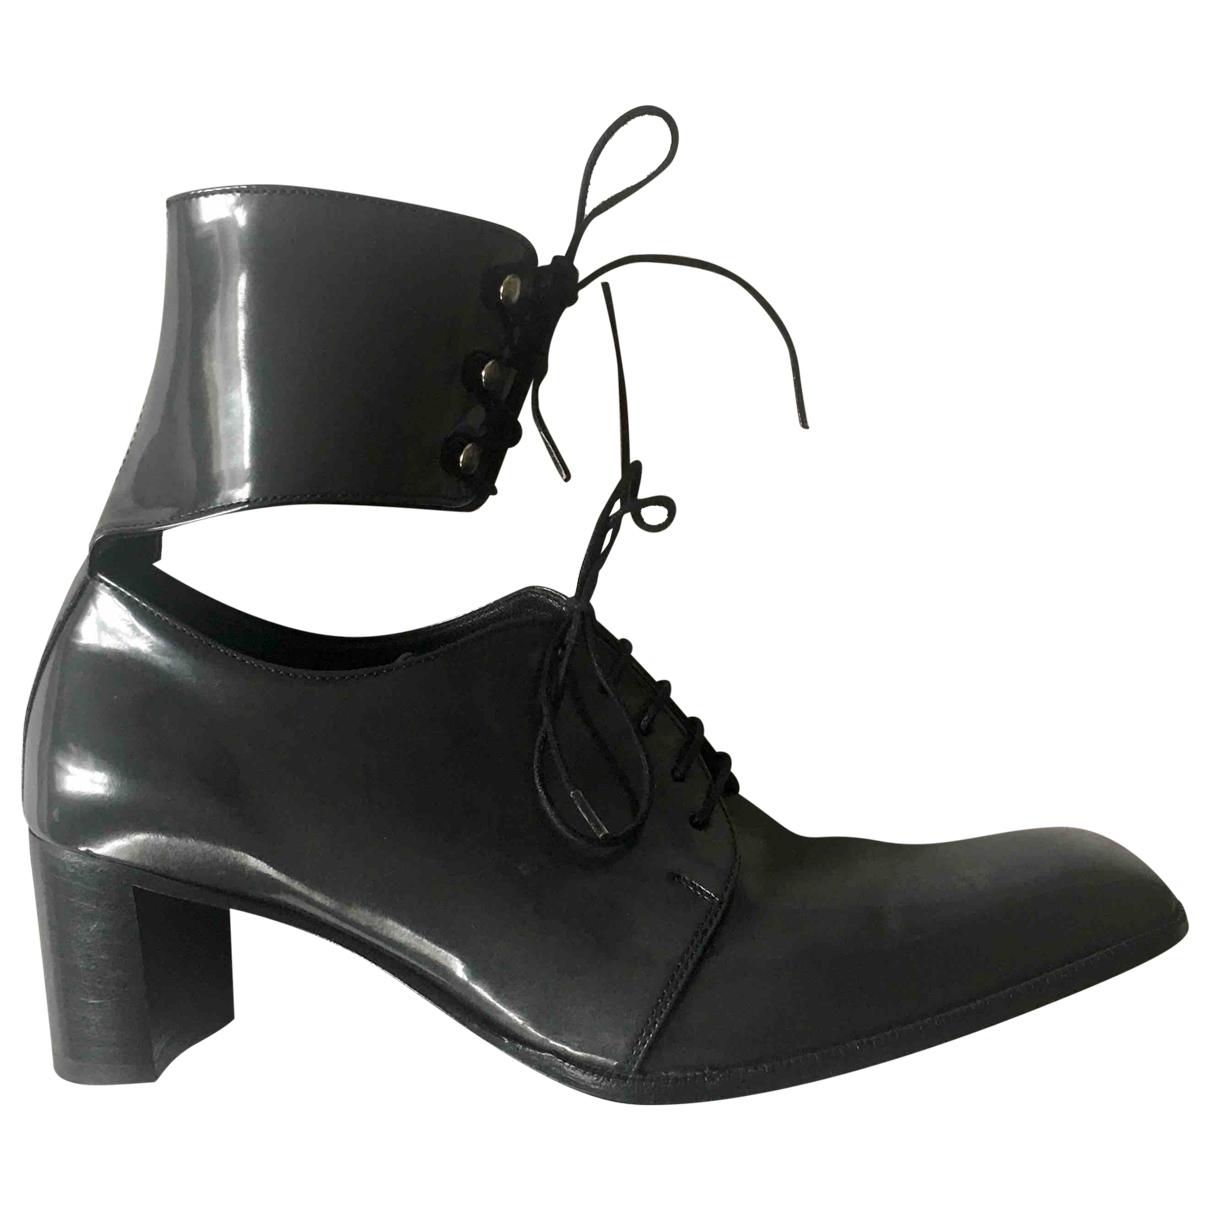 Heschung - Boots   pour femme en cuir verni - gris